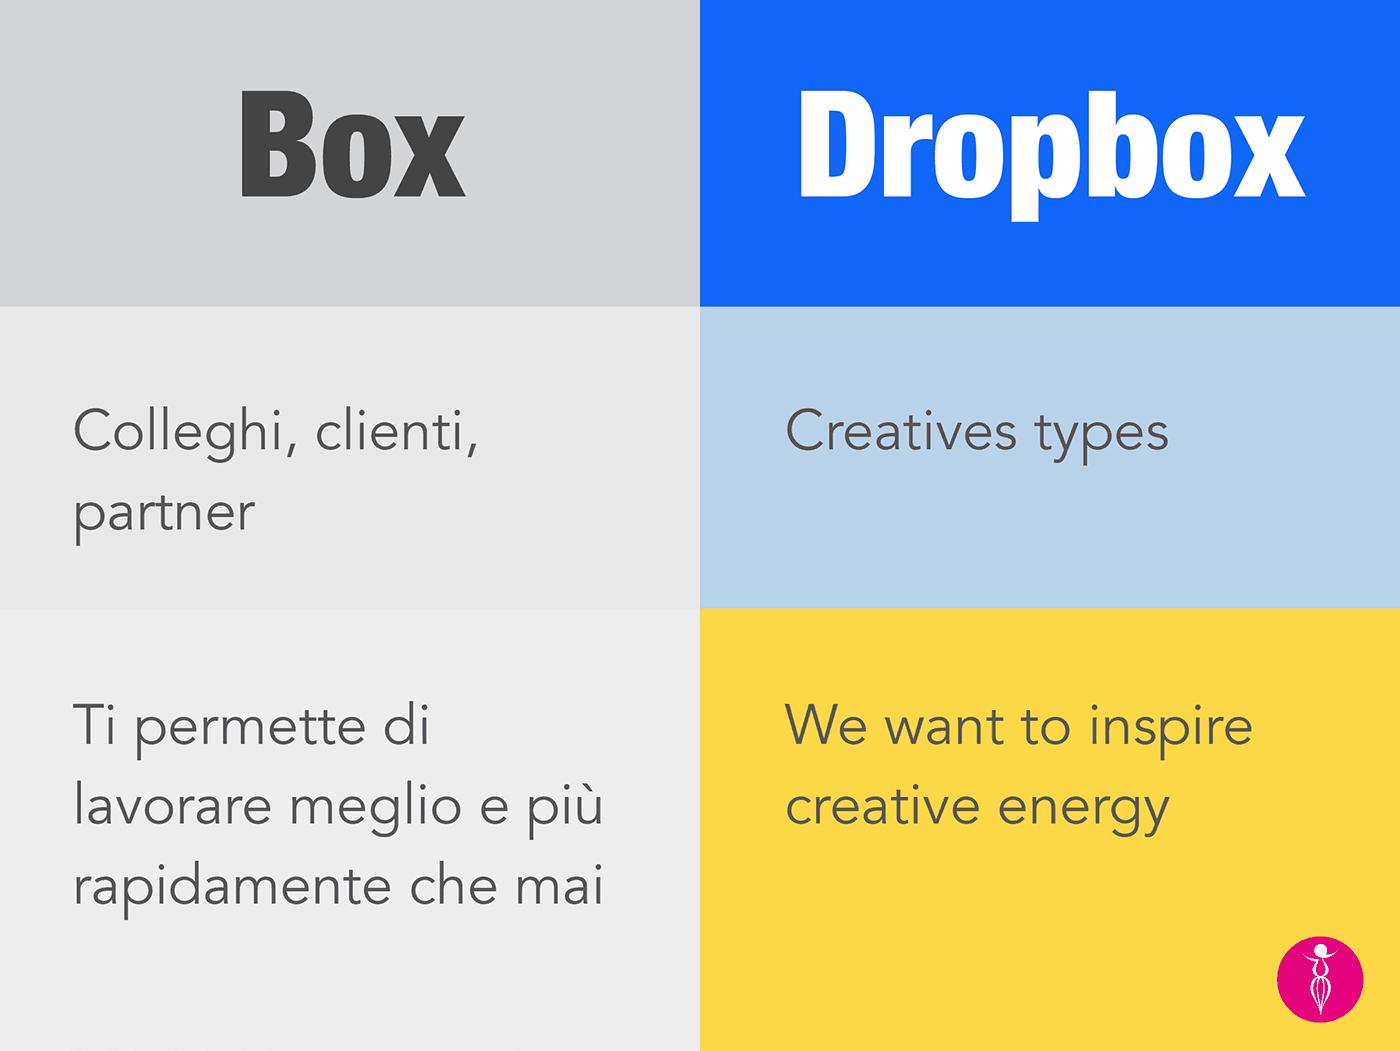 dropbox competitor tono di voce